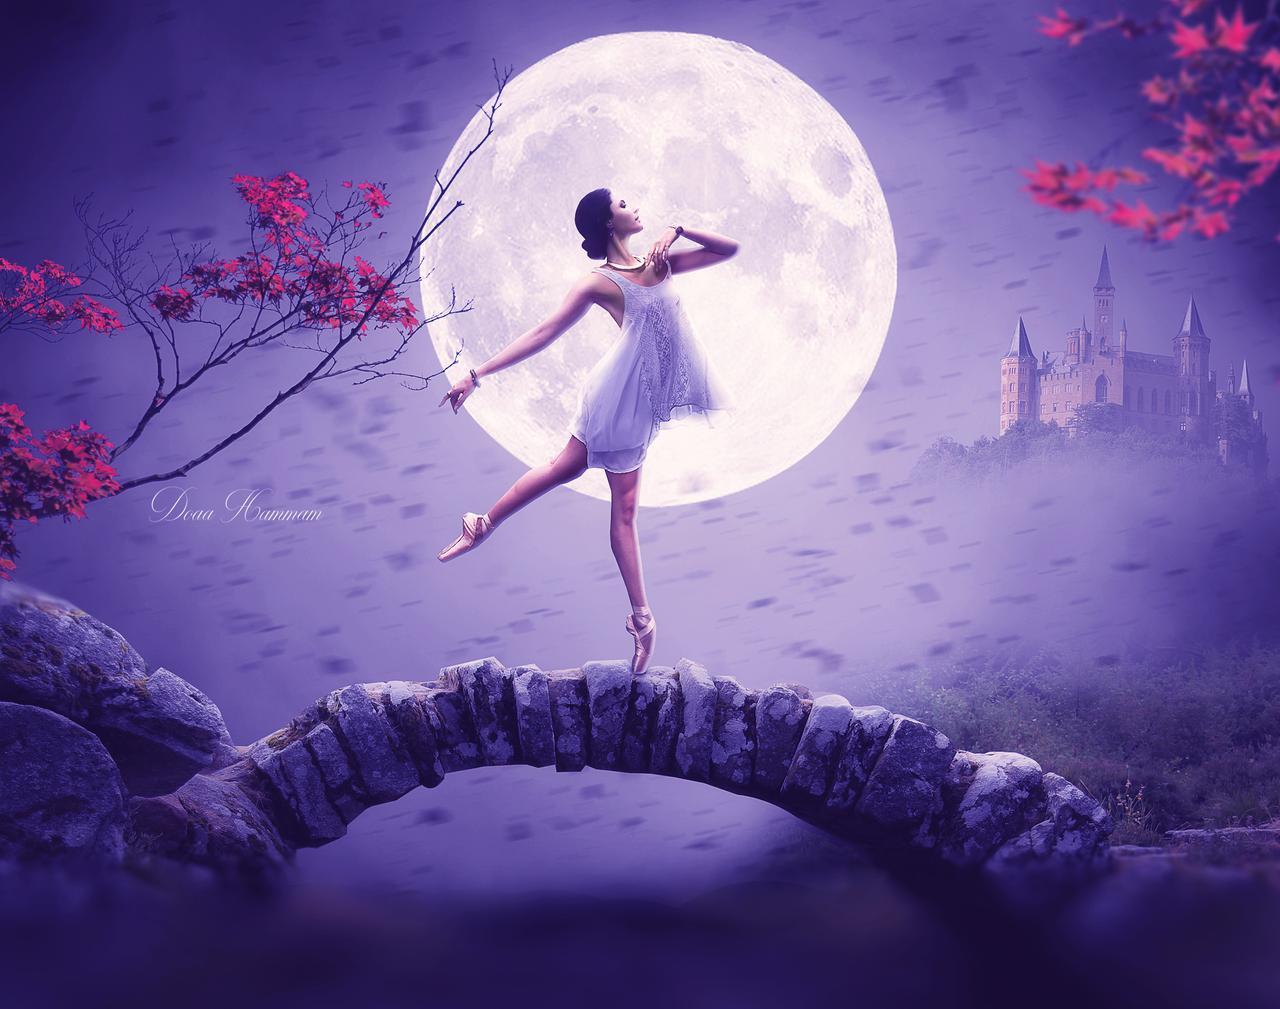 Фото Девушка - балерина стоит на фоне полной луны, by DoaaHammam